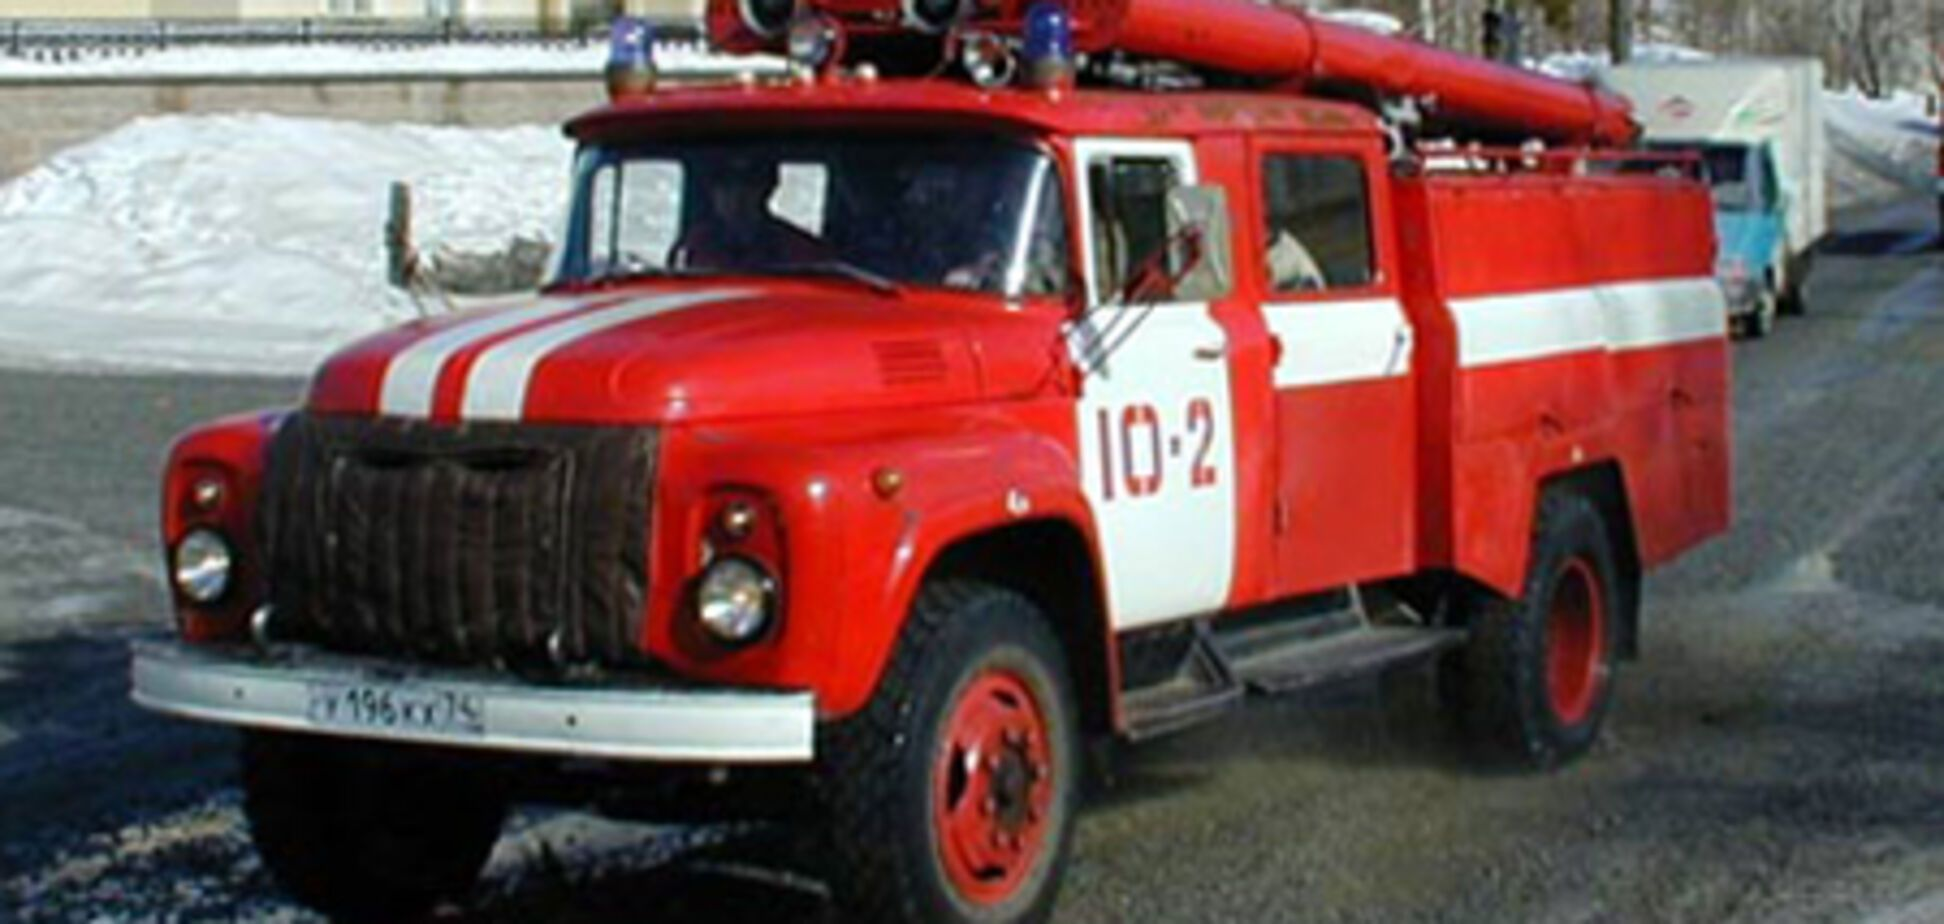 Угонщик заснул в краденой пожарной машине